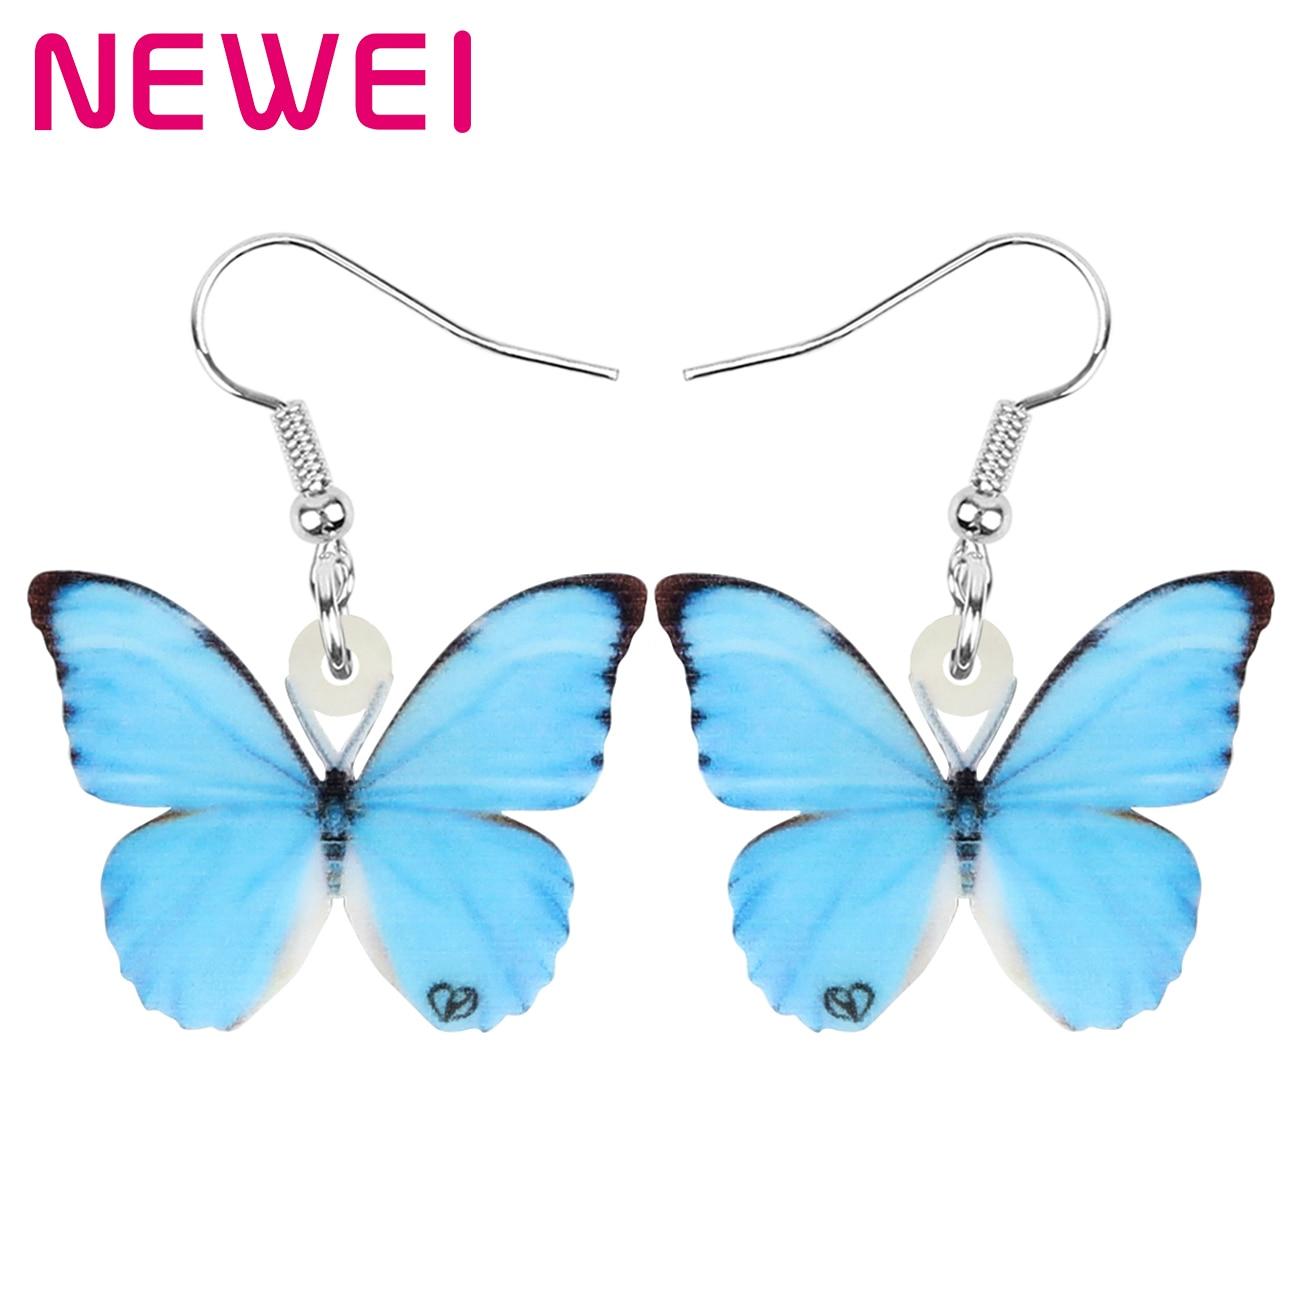 Newei акриловый Blue Morpho бабочки серьги большого размера зимнее большое длинное броши в виде бабочек, насекомых, животных, с болтающимися частям...